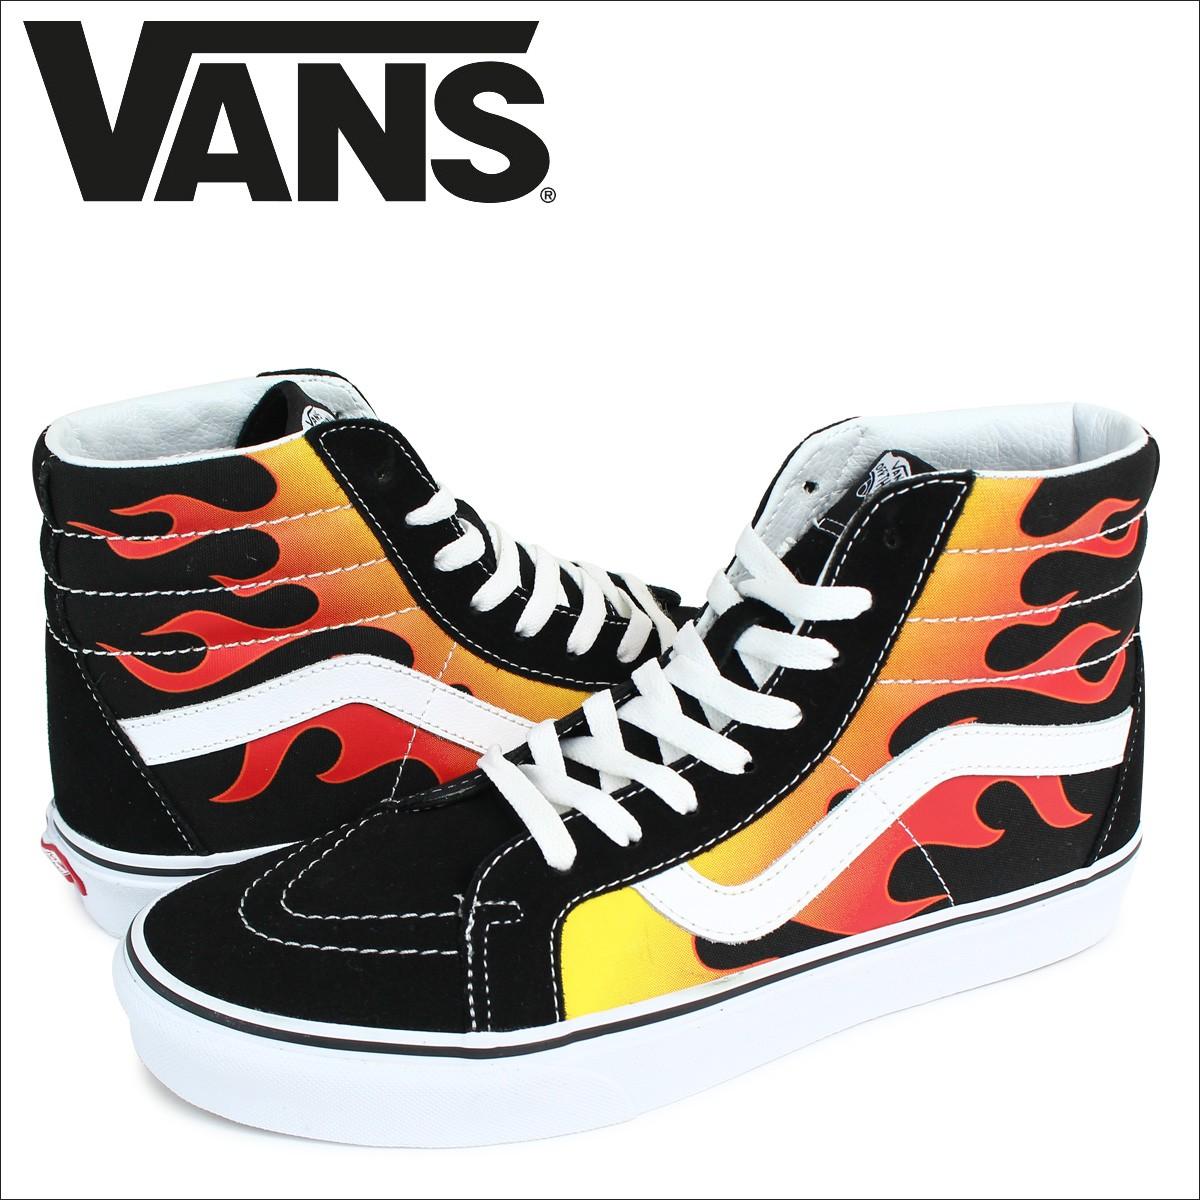 VANS SK8-HI スニーカー メンズ バンズ ヴァンズ スケートハイ REISSUE VN0A2XSBPHN 靴 ブラック